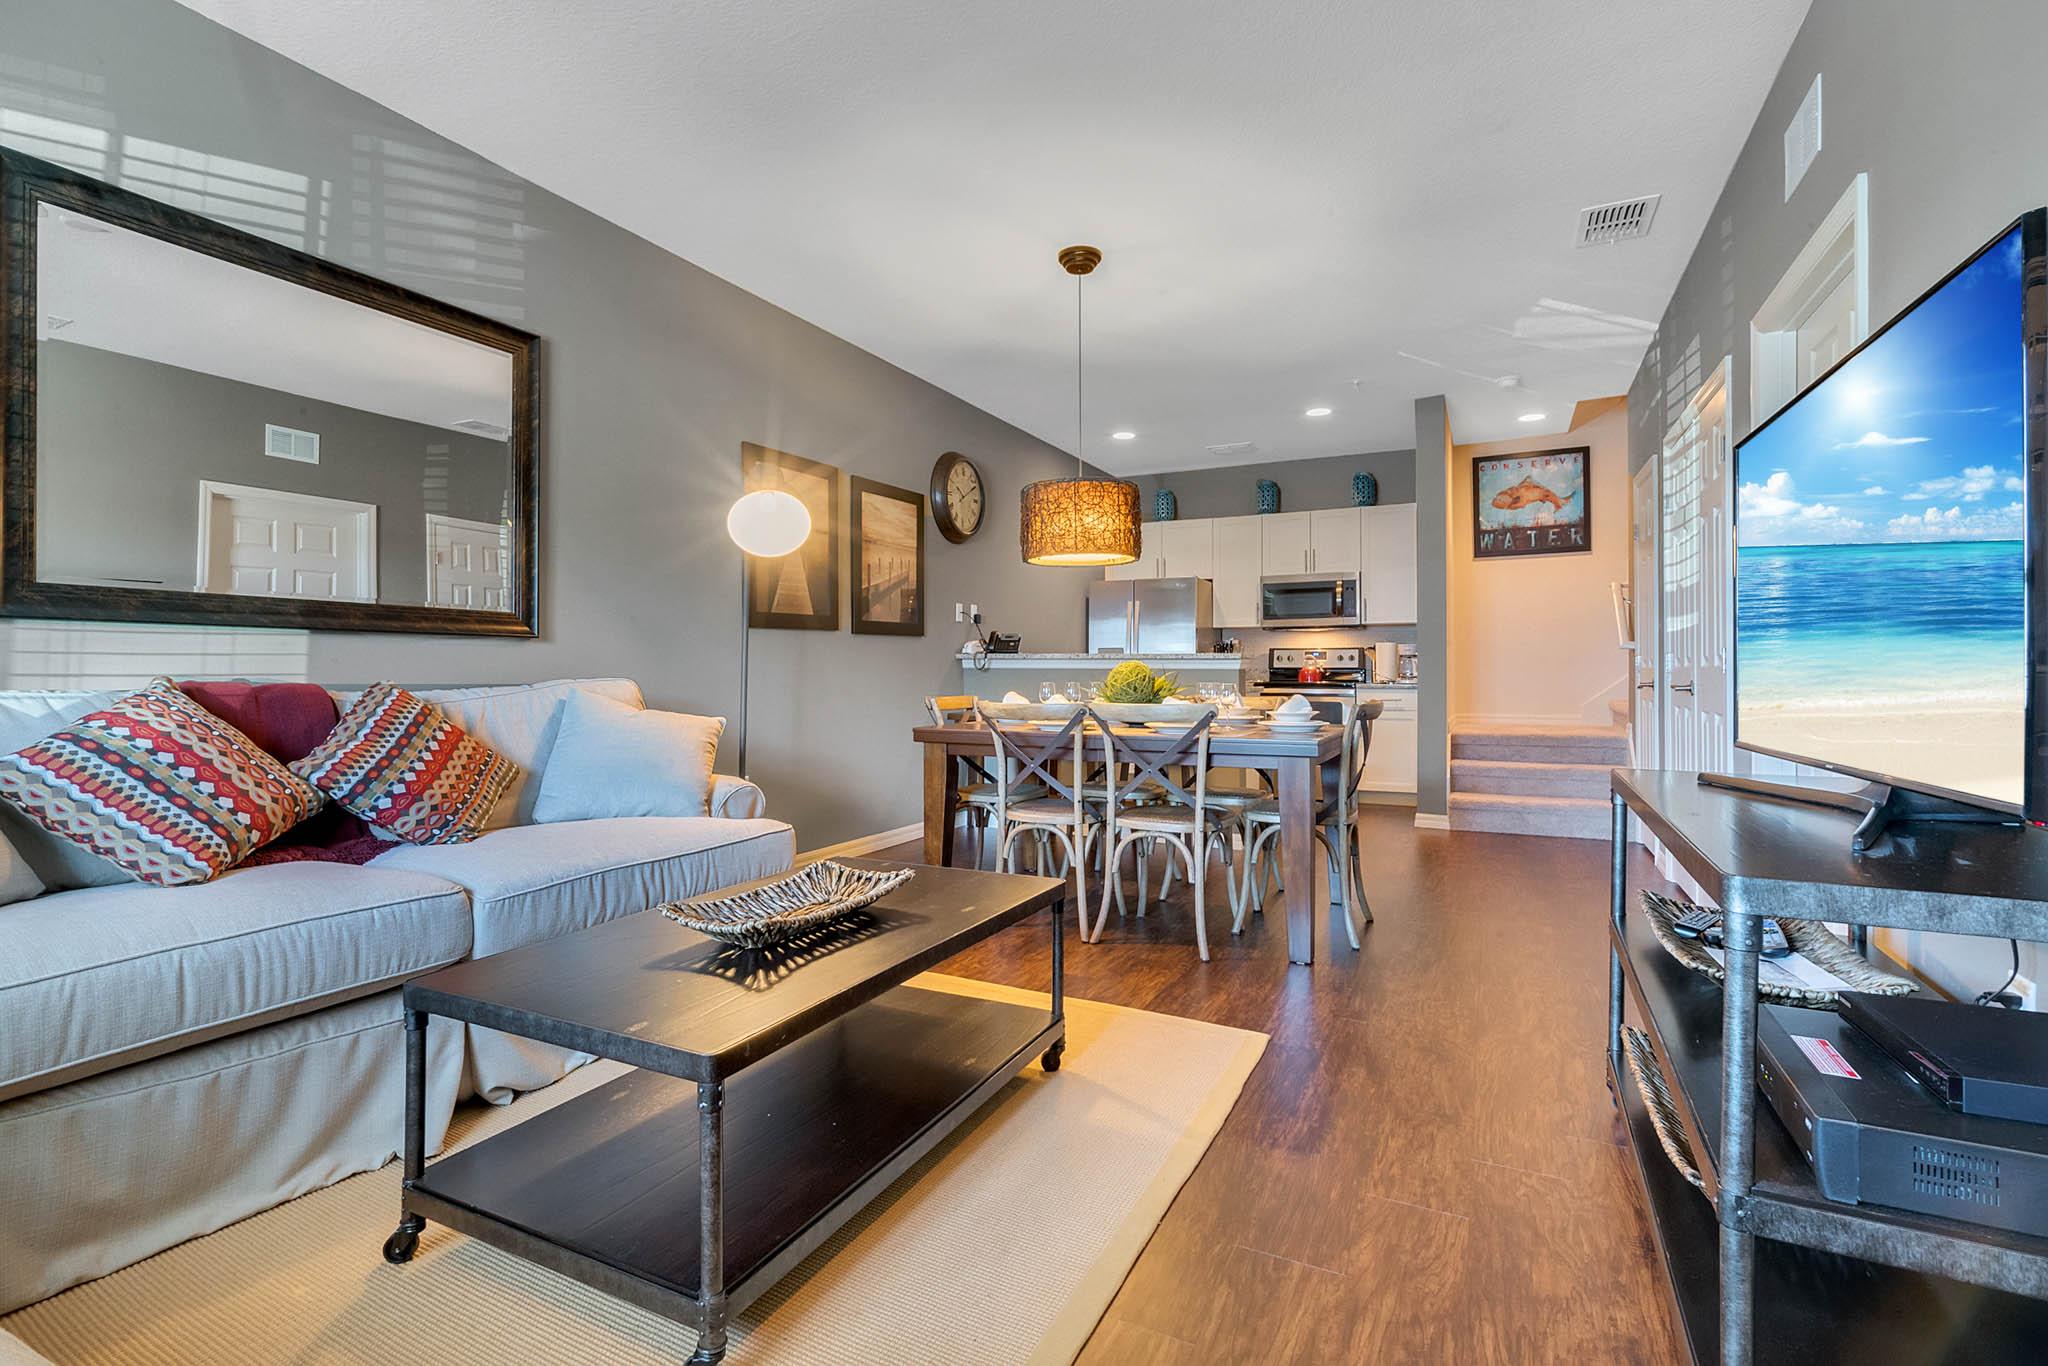 3203 Wish Ave, Kissimmee, FL 34747 - 14 - Family Room.jpg